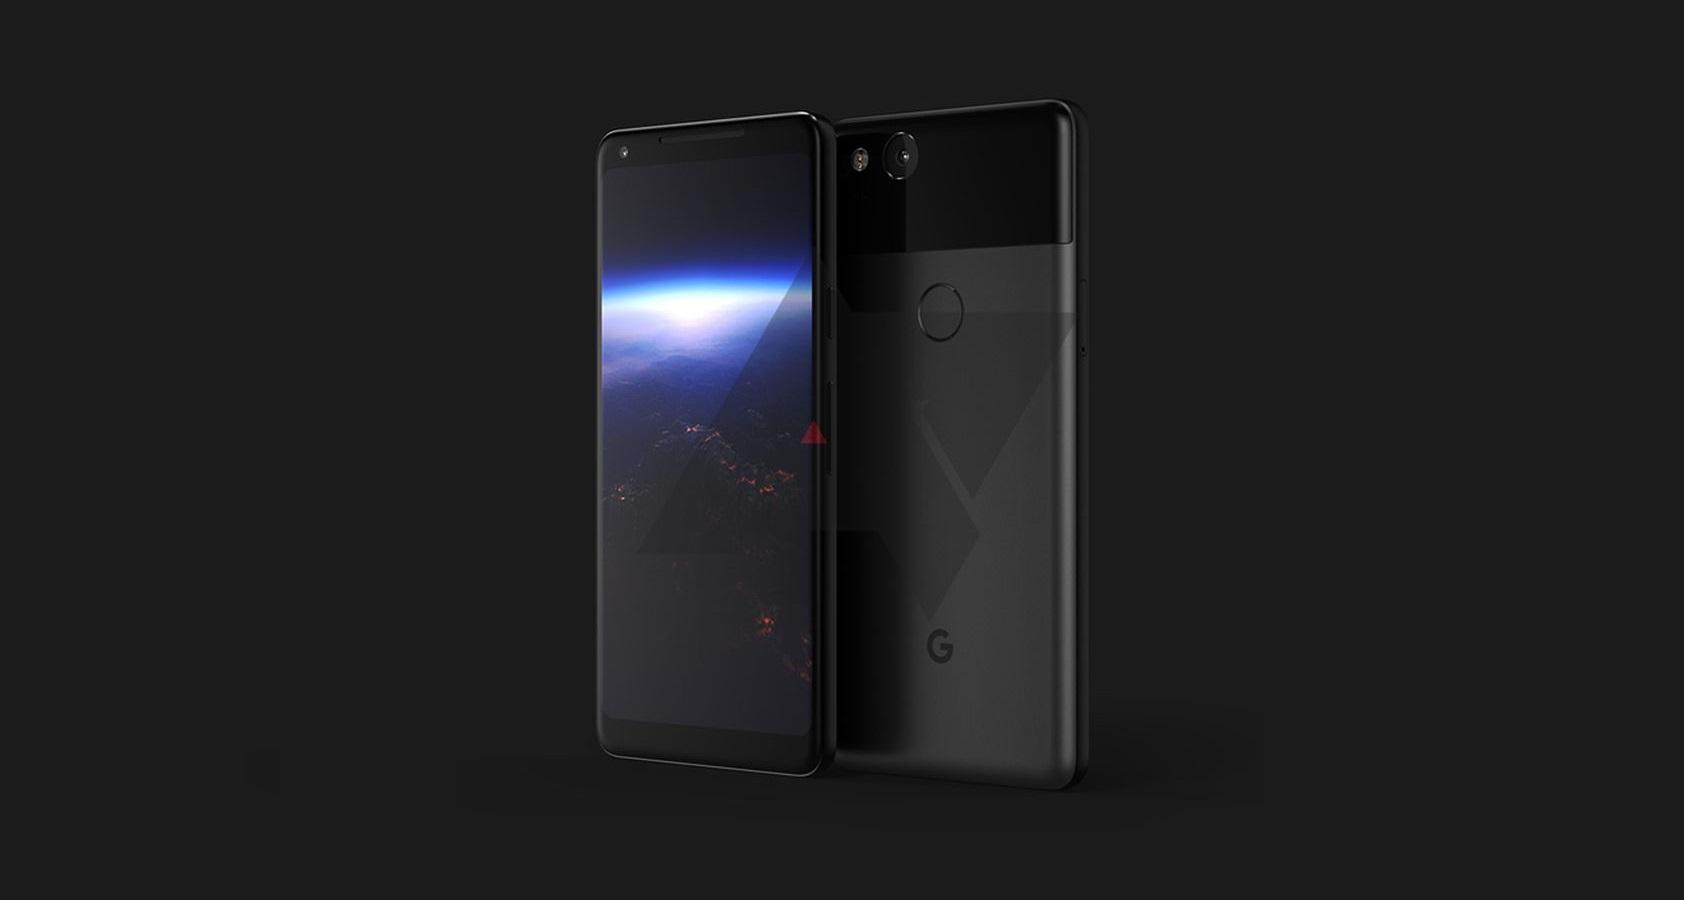 تماشا کنید: احتمال معرفی گوشی الترا پیکسل (Ultra Pixel) در مراسم گوگل